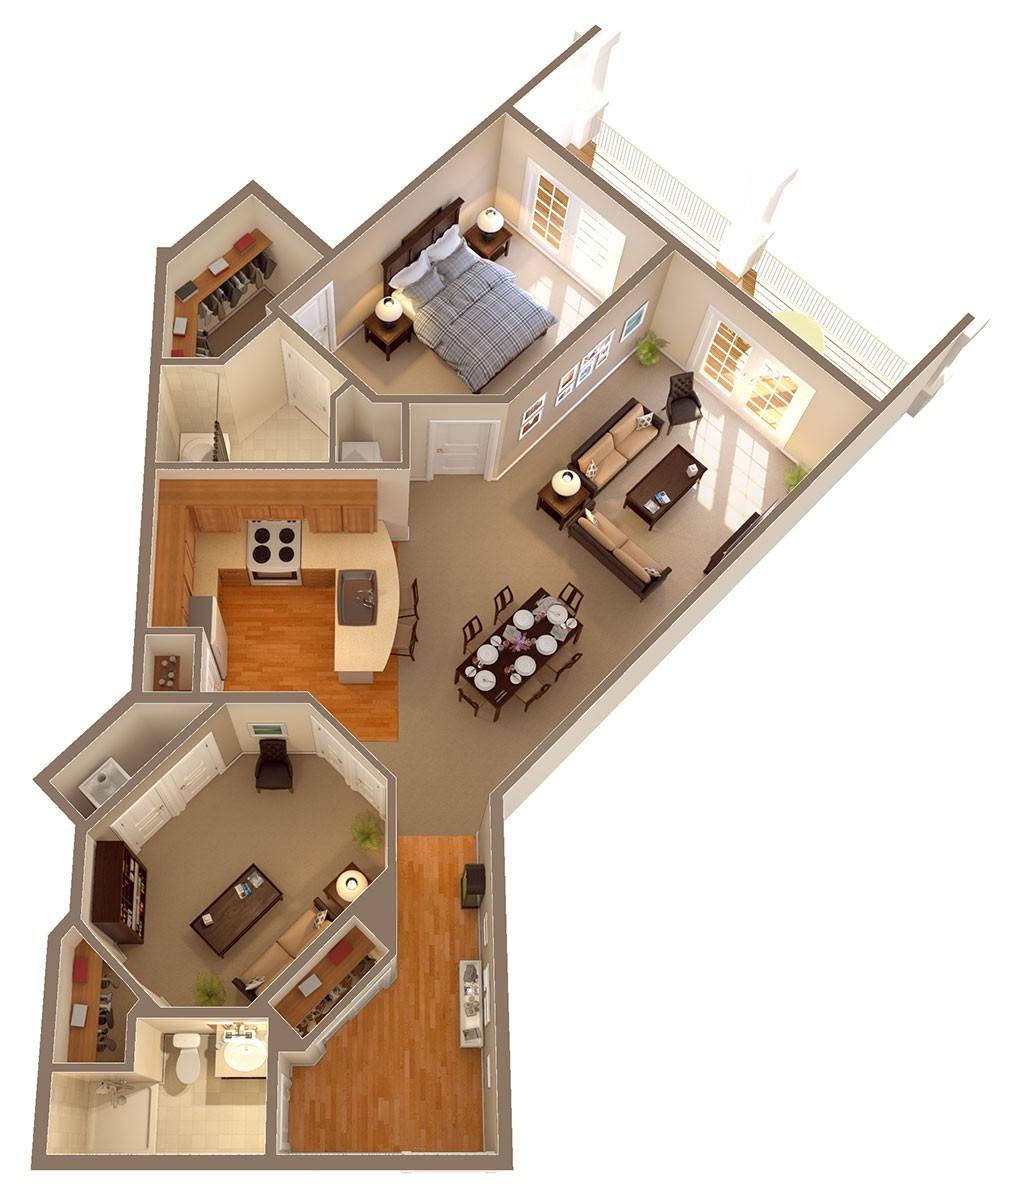 Spacious Apartment Floor Plans - Rollins Ridge